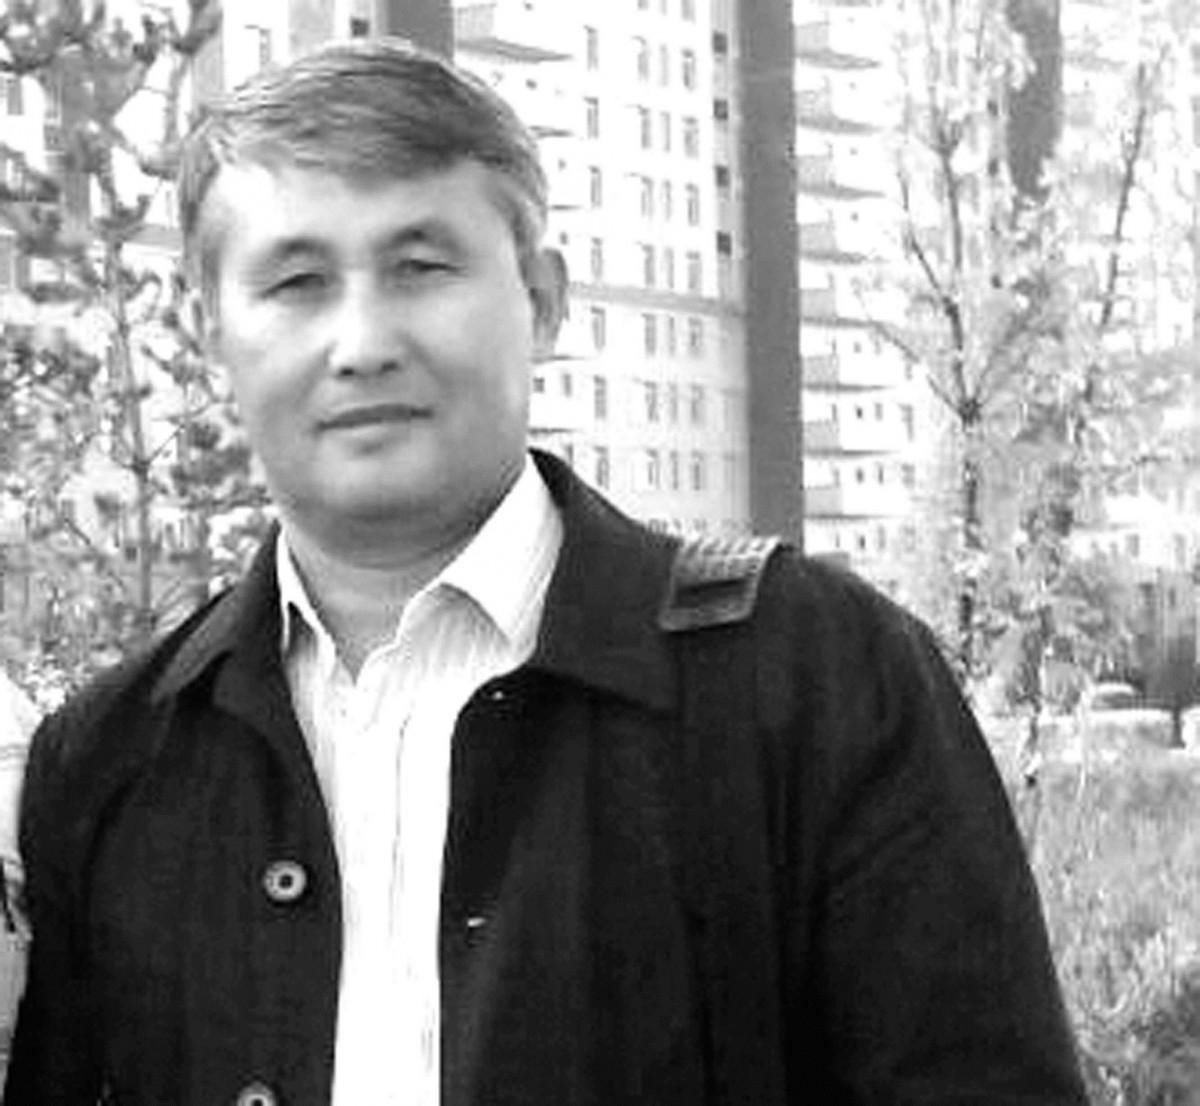 Қазақ фольклортануы және «Шора батыр»